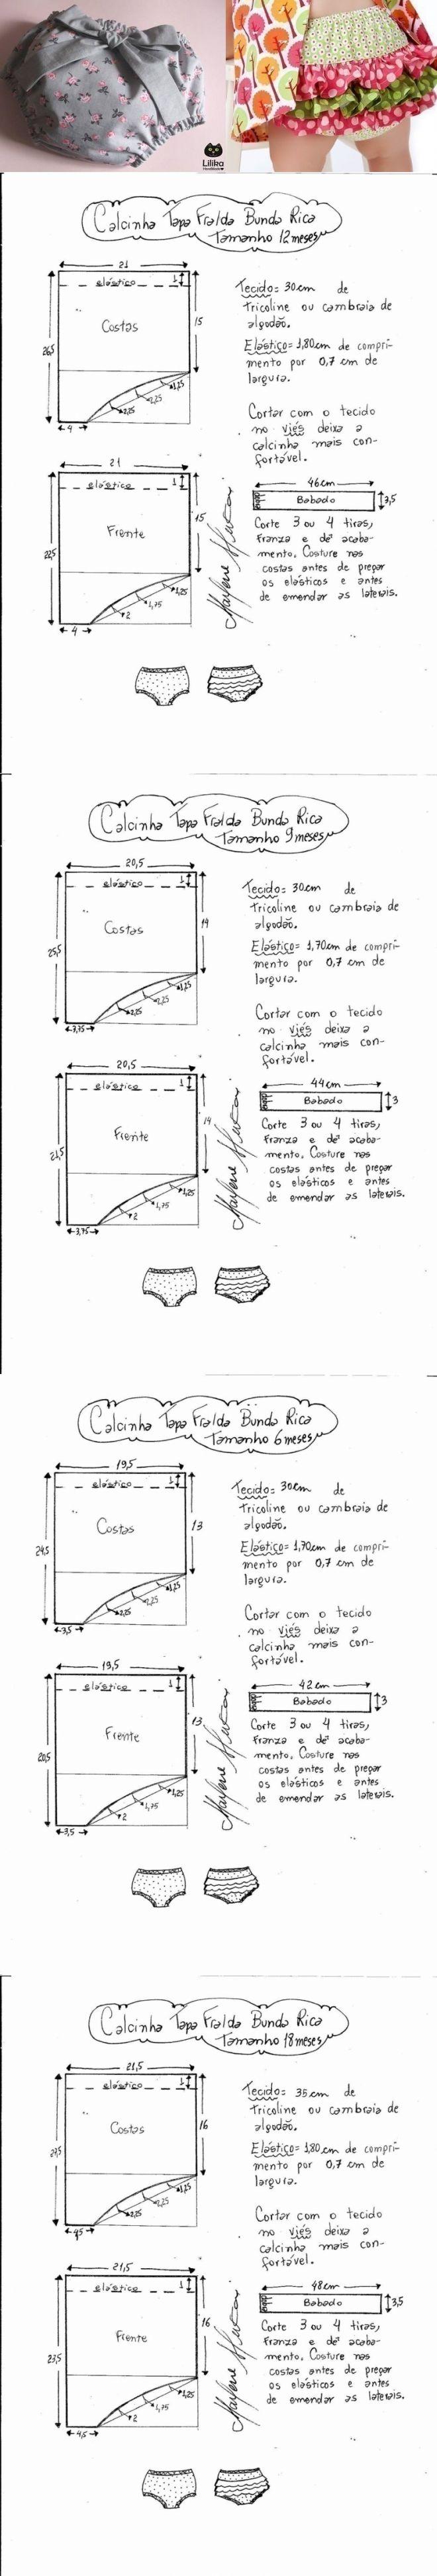 Выкройка трусиков с рюшами для малышки от 3 до 24 месяцев (Шитье и крой) | Журнал Вдохновение Рукодельницы